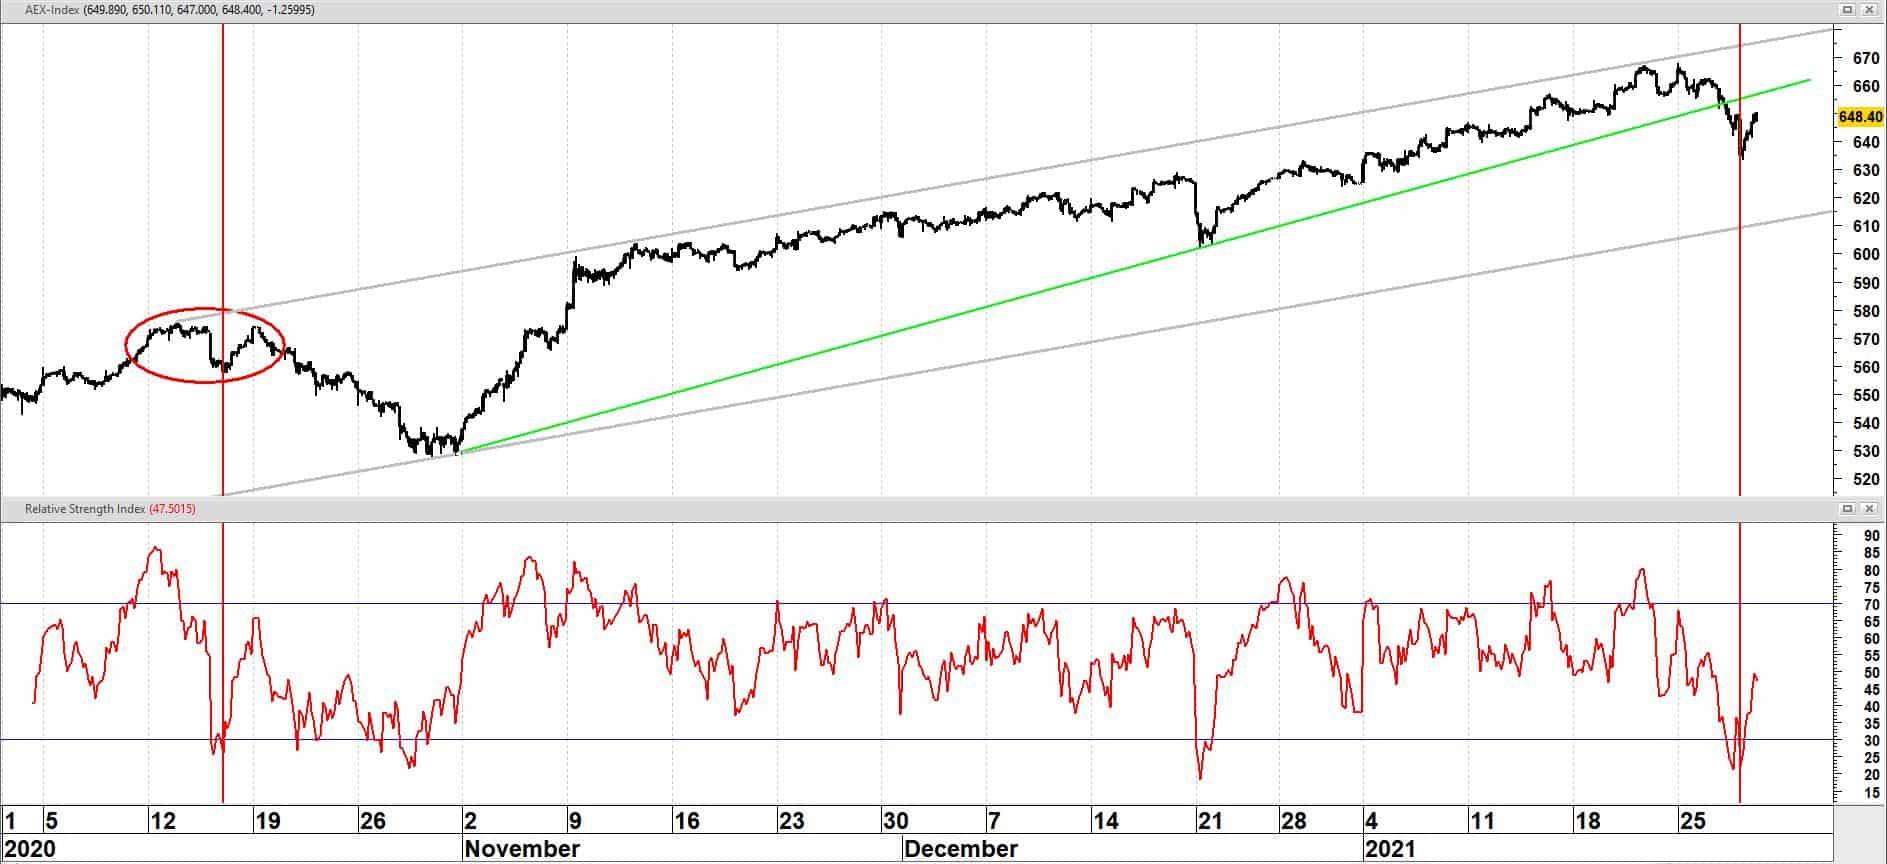 AEX op uurbasis vanaf oktober 2020 + relatieve sterkte index (RSI)